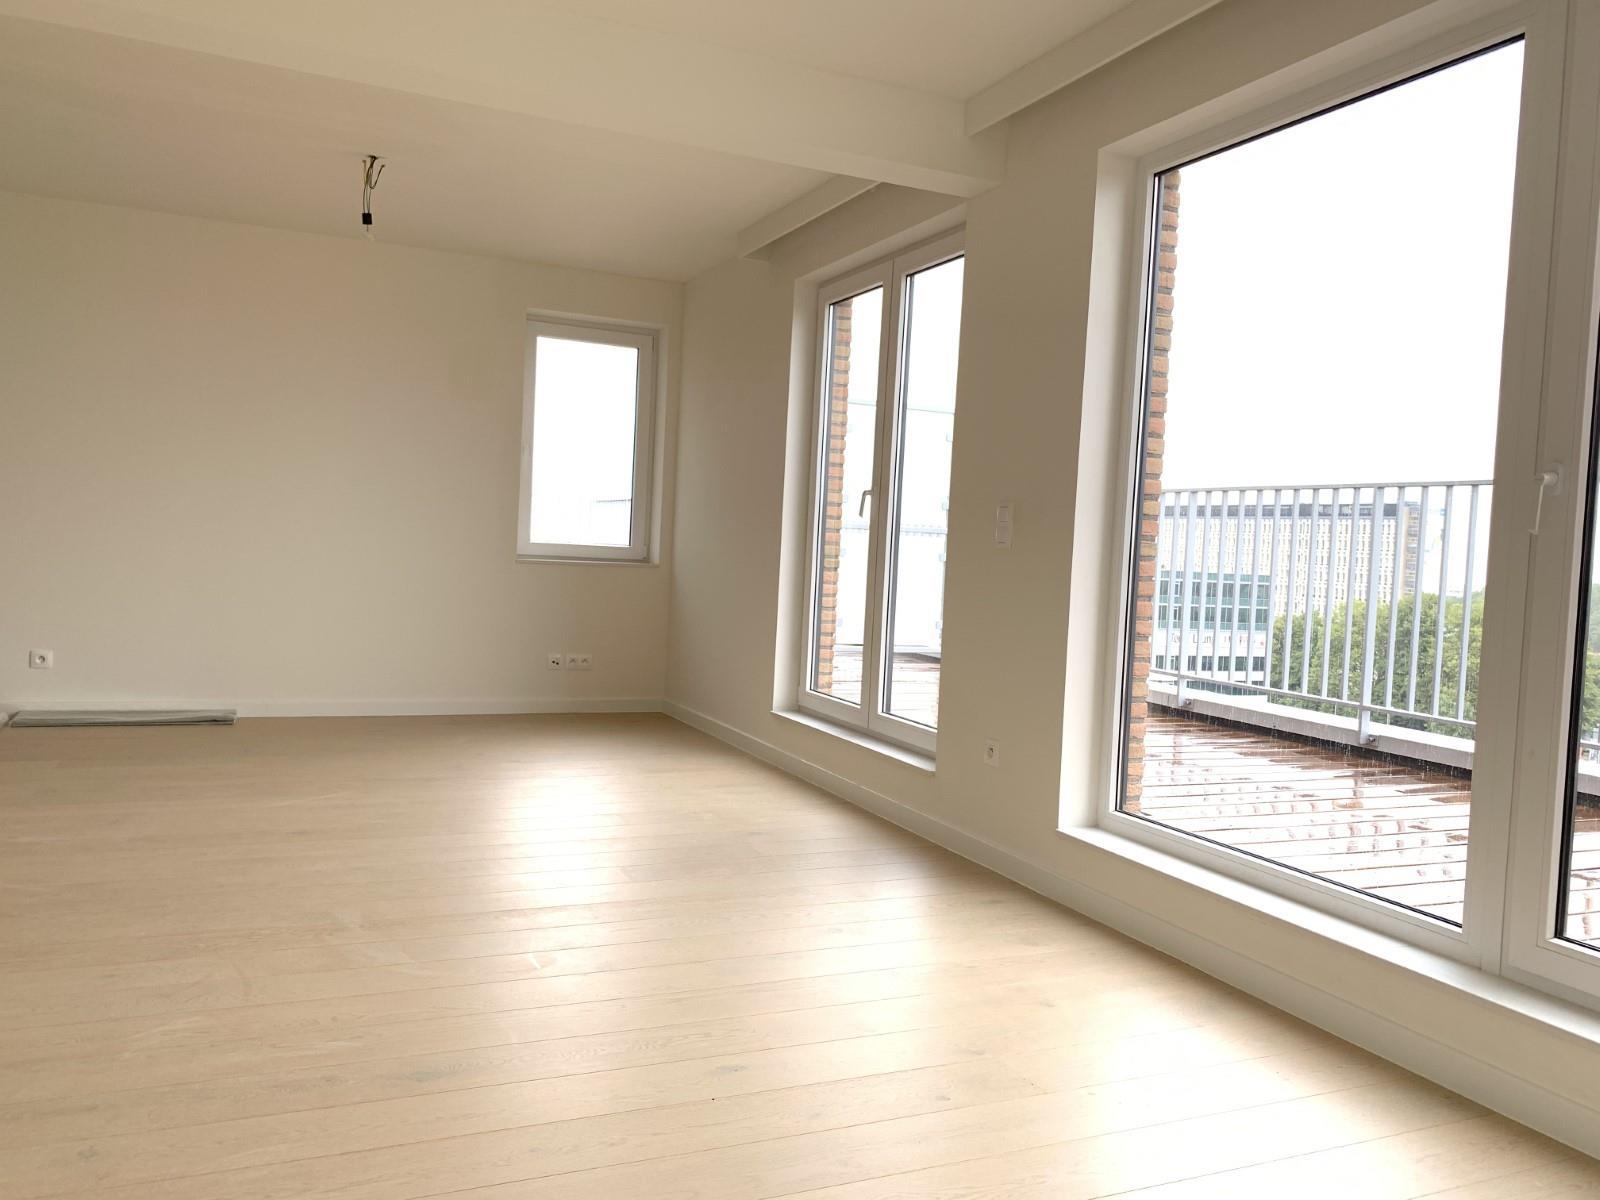 Uitzonderlijk appartement - Schaerbeek - #3964876-9